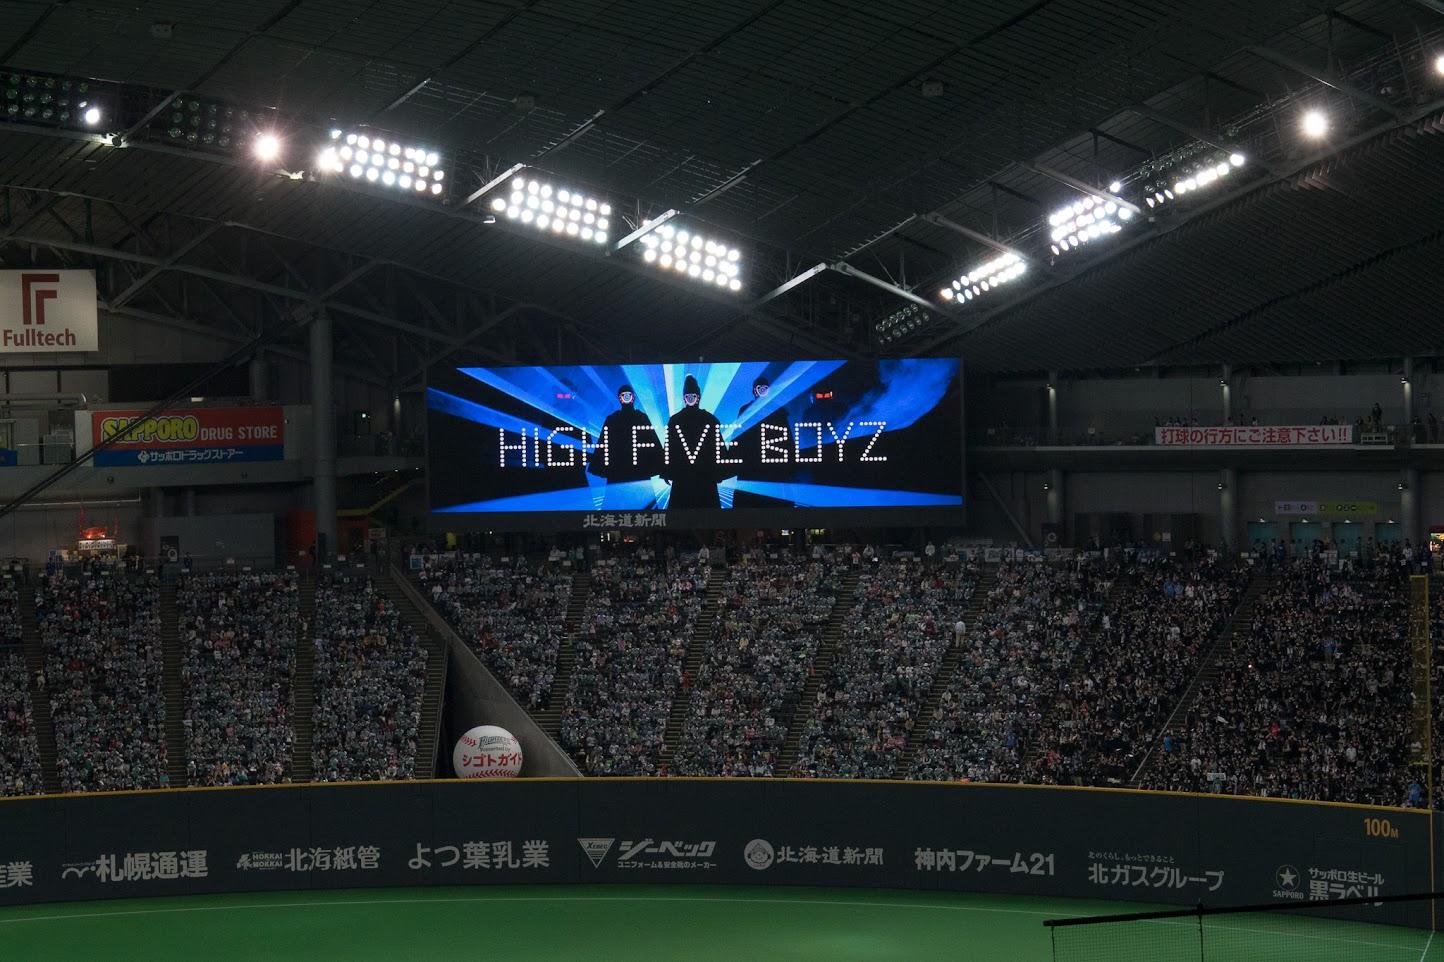 宇宙からやってきた「HIGH FIVE BOYZ」登場!